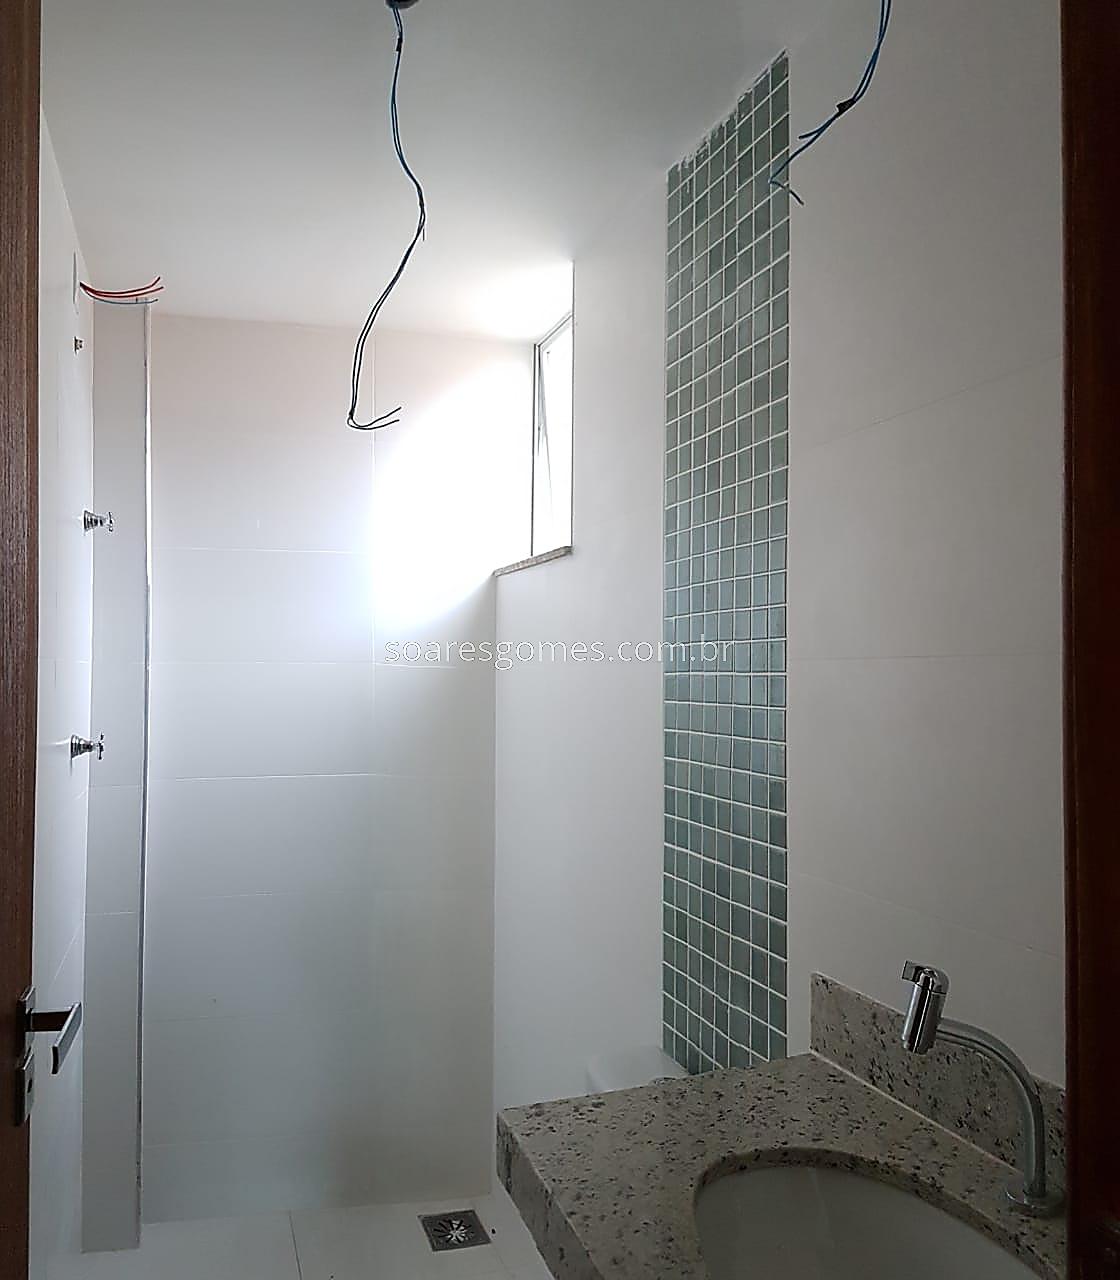 Apartamento à venda em Granbery, Juiz de Fora - MG - Foto 20